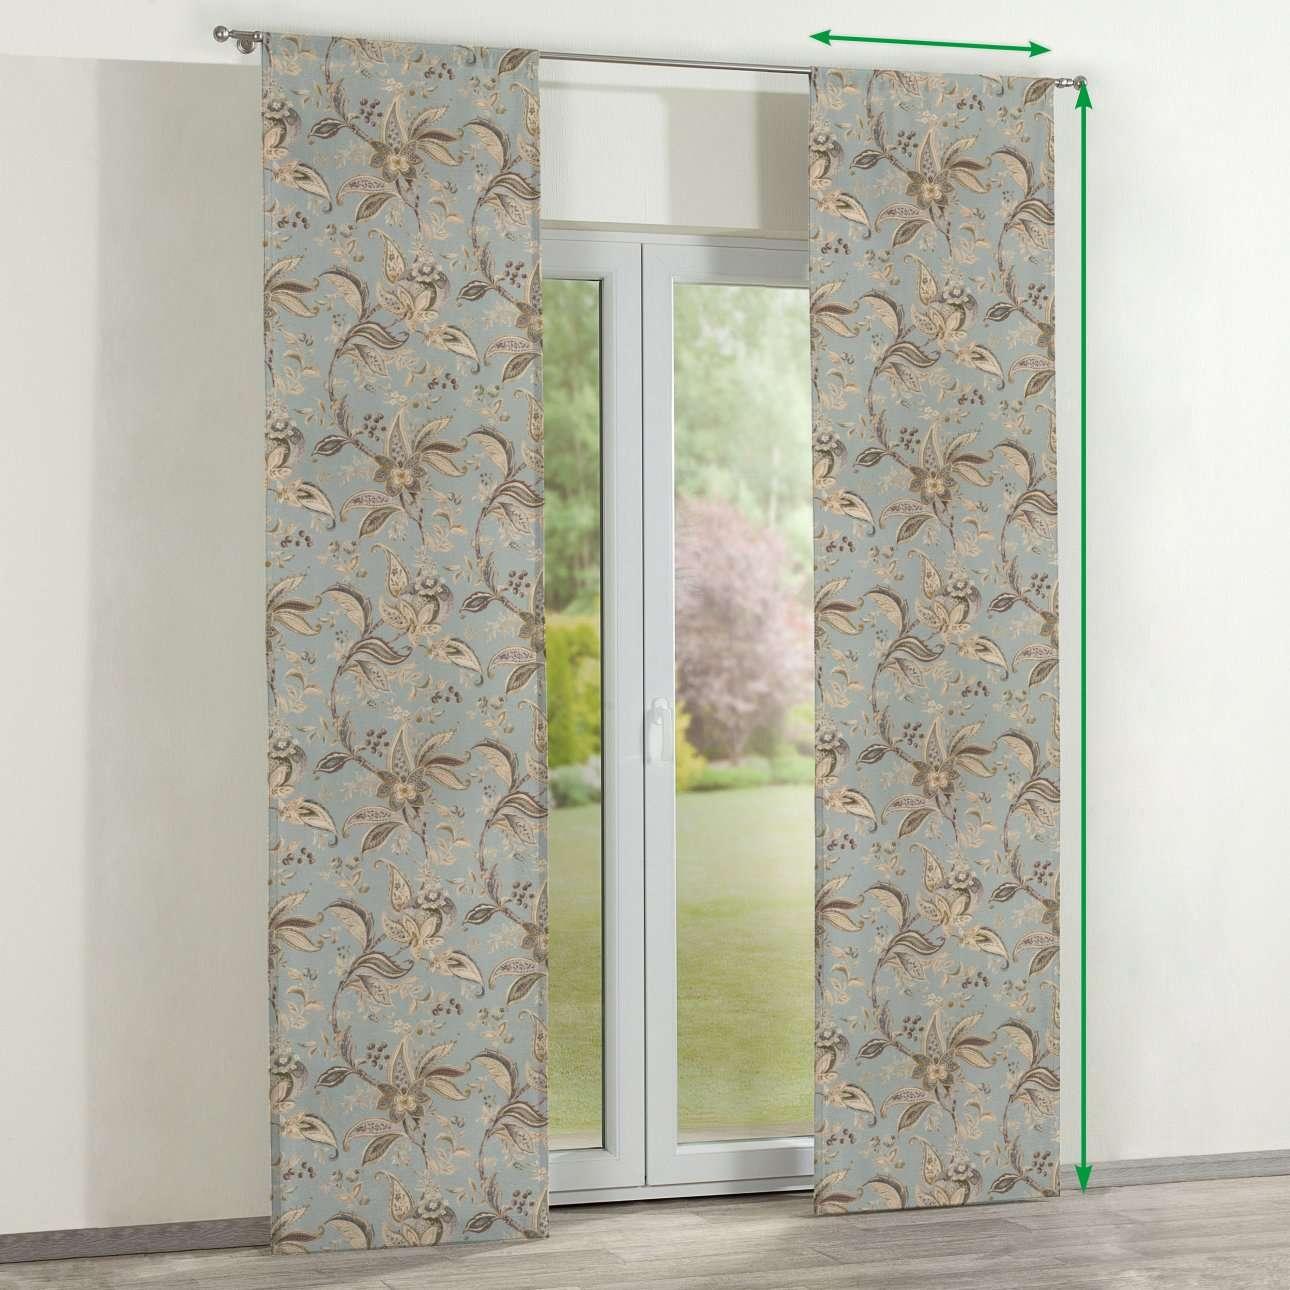 Zasłony panelowe 2 szt. w kolekcji Gardenia, tkanina: 142-18